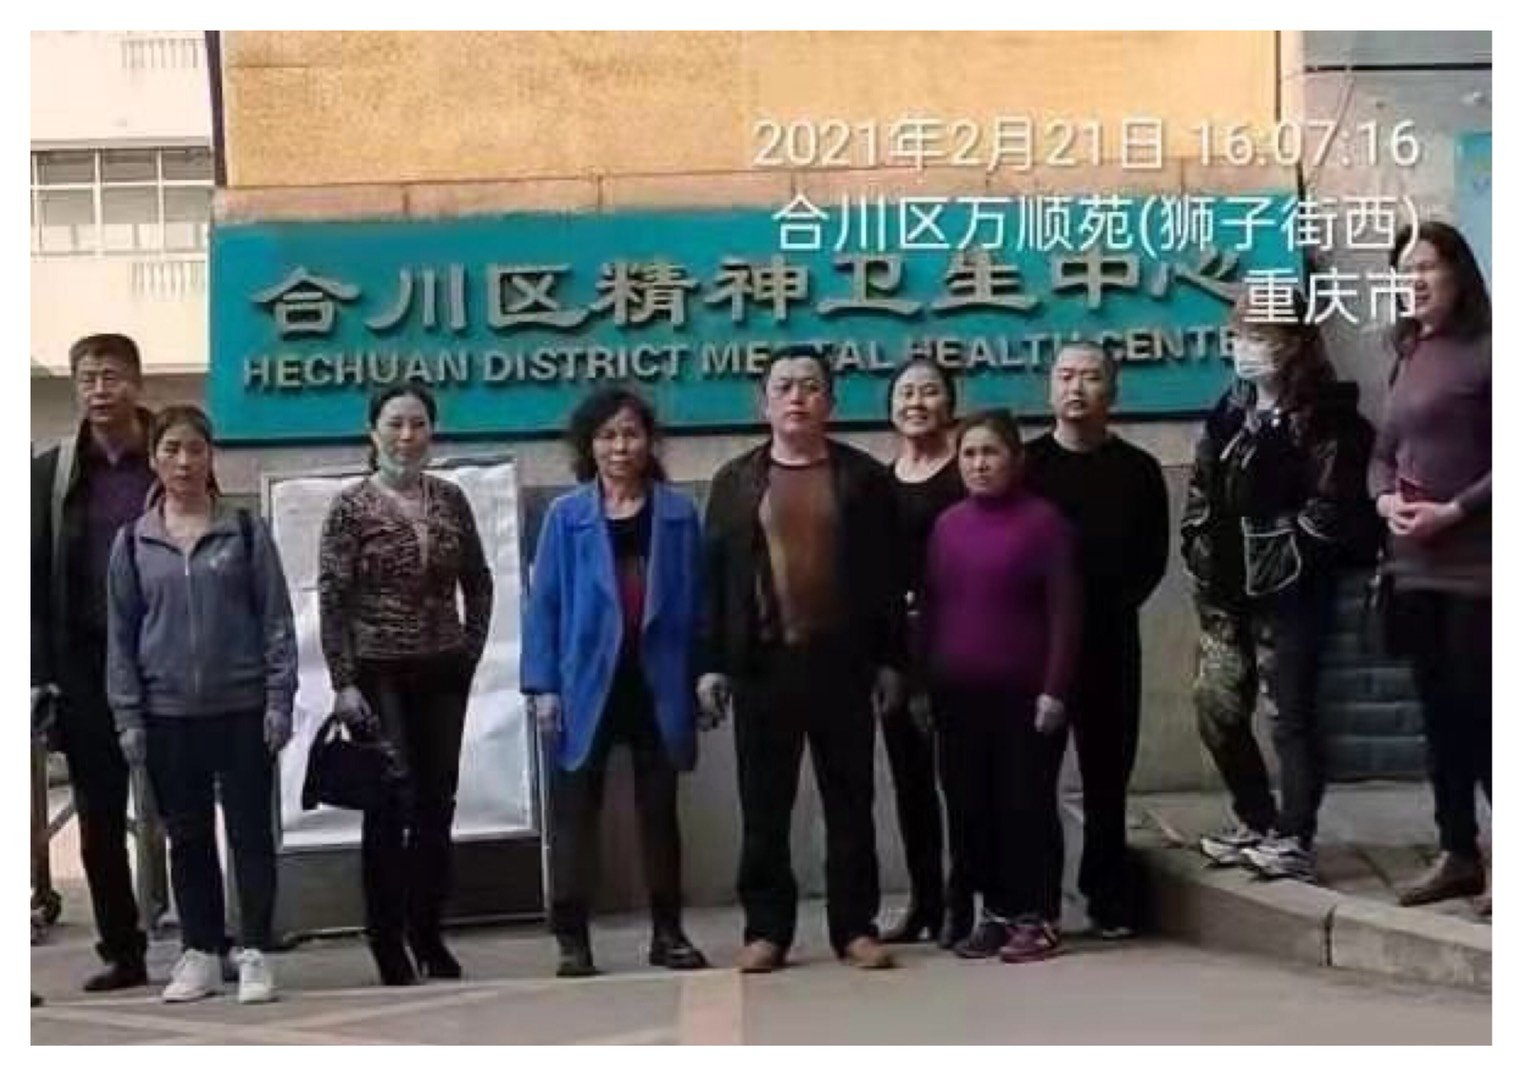 大年初十(2月21日)重慶公民陳明玉、高勝、何清福等12人帶著牛奶、水果前去重慶市合川區精神衛生中心(精神病院),看望因維權被精神病關押在此的重慶維權人士鄧光英和張芬。(受訪者提供)